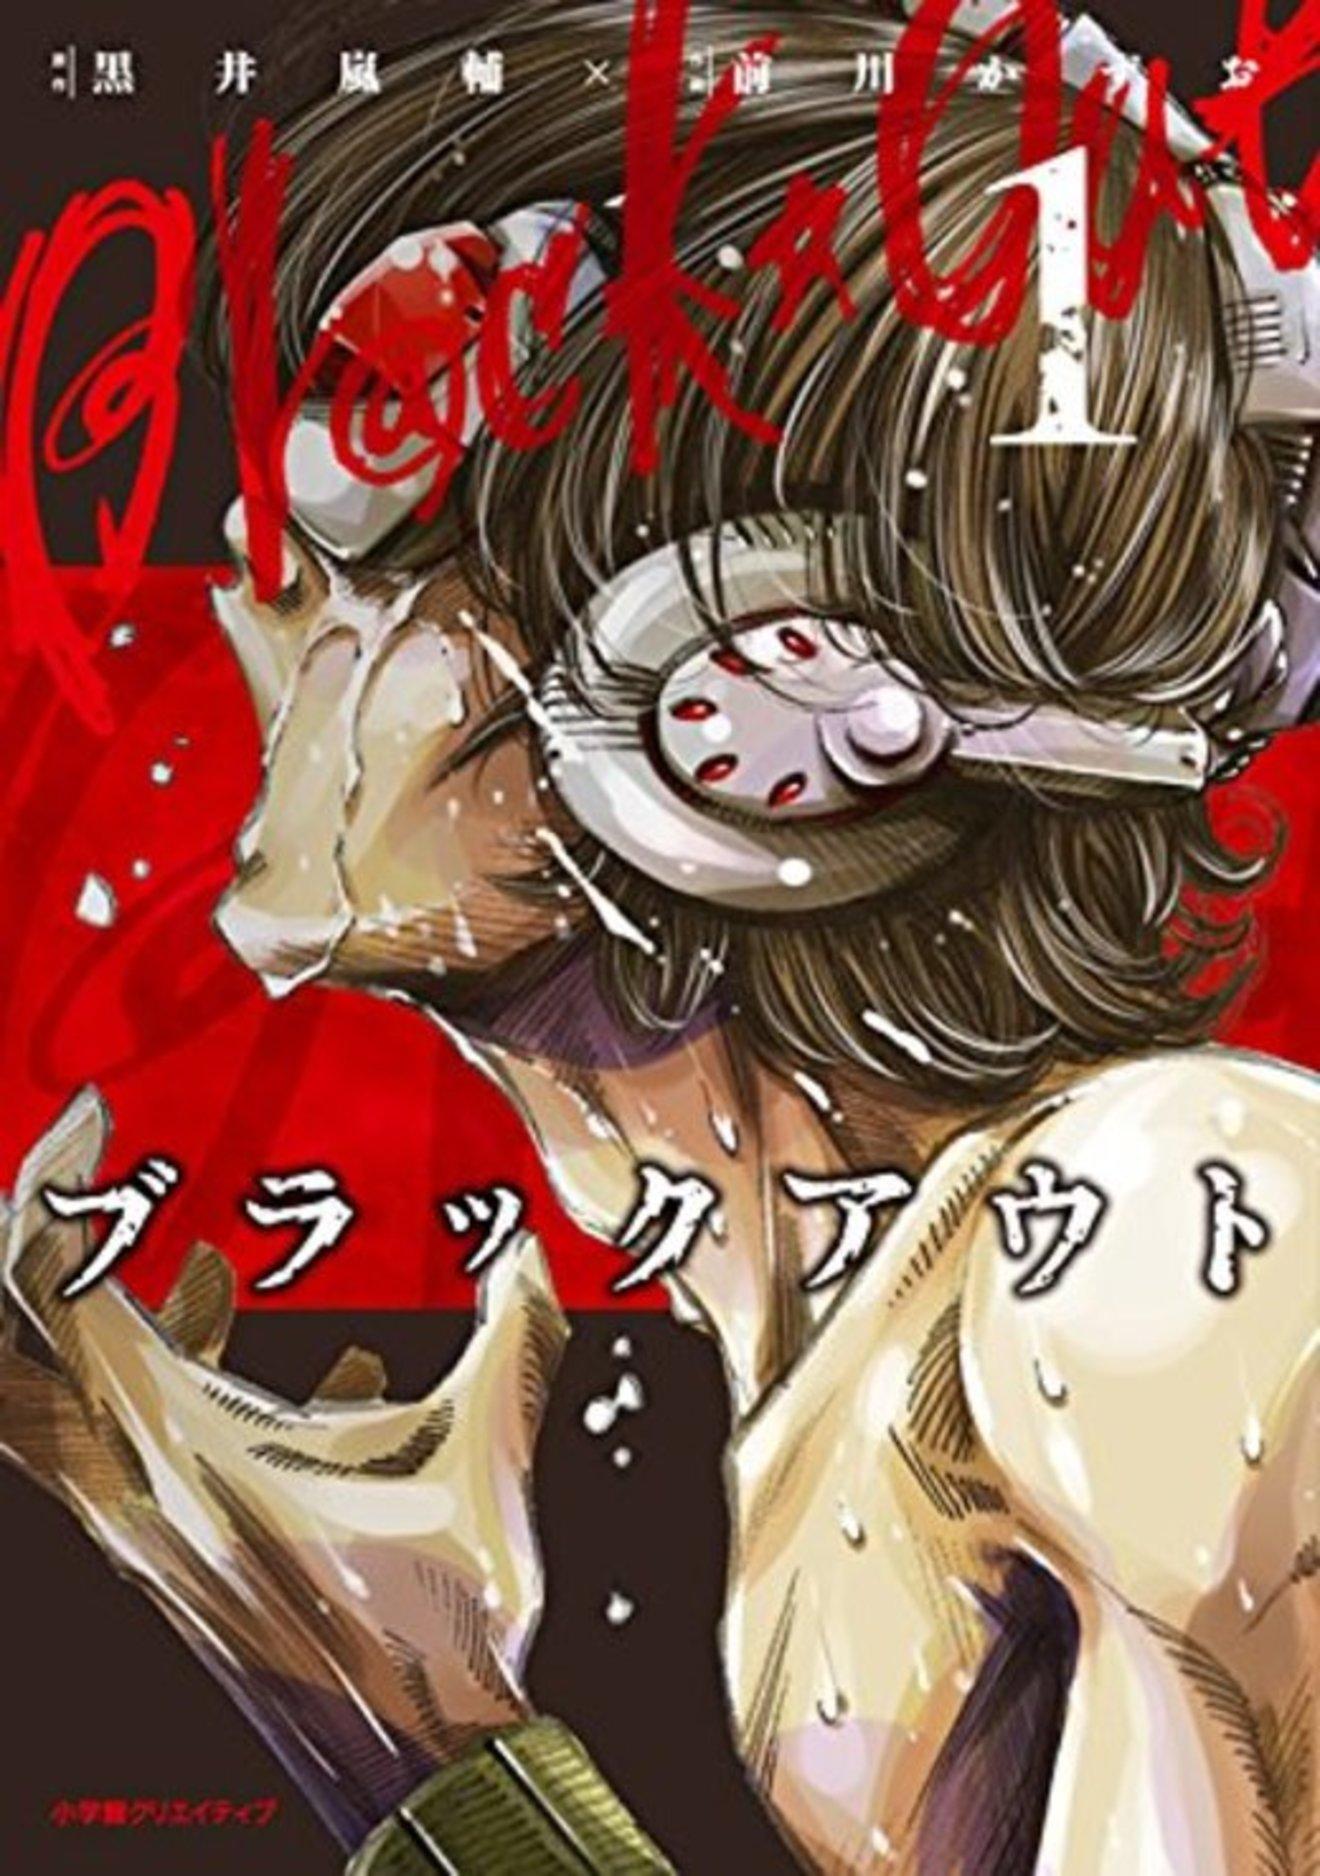 漫画『ブラックアウト』の魅力全巻ネタバレ紹介!無料で読めるパニックホラー